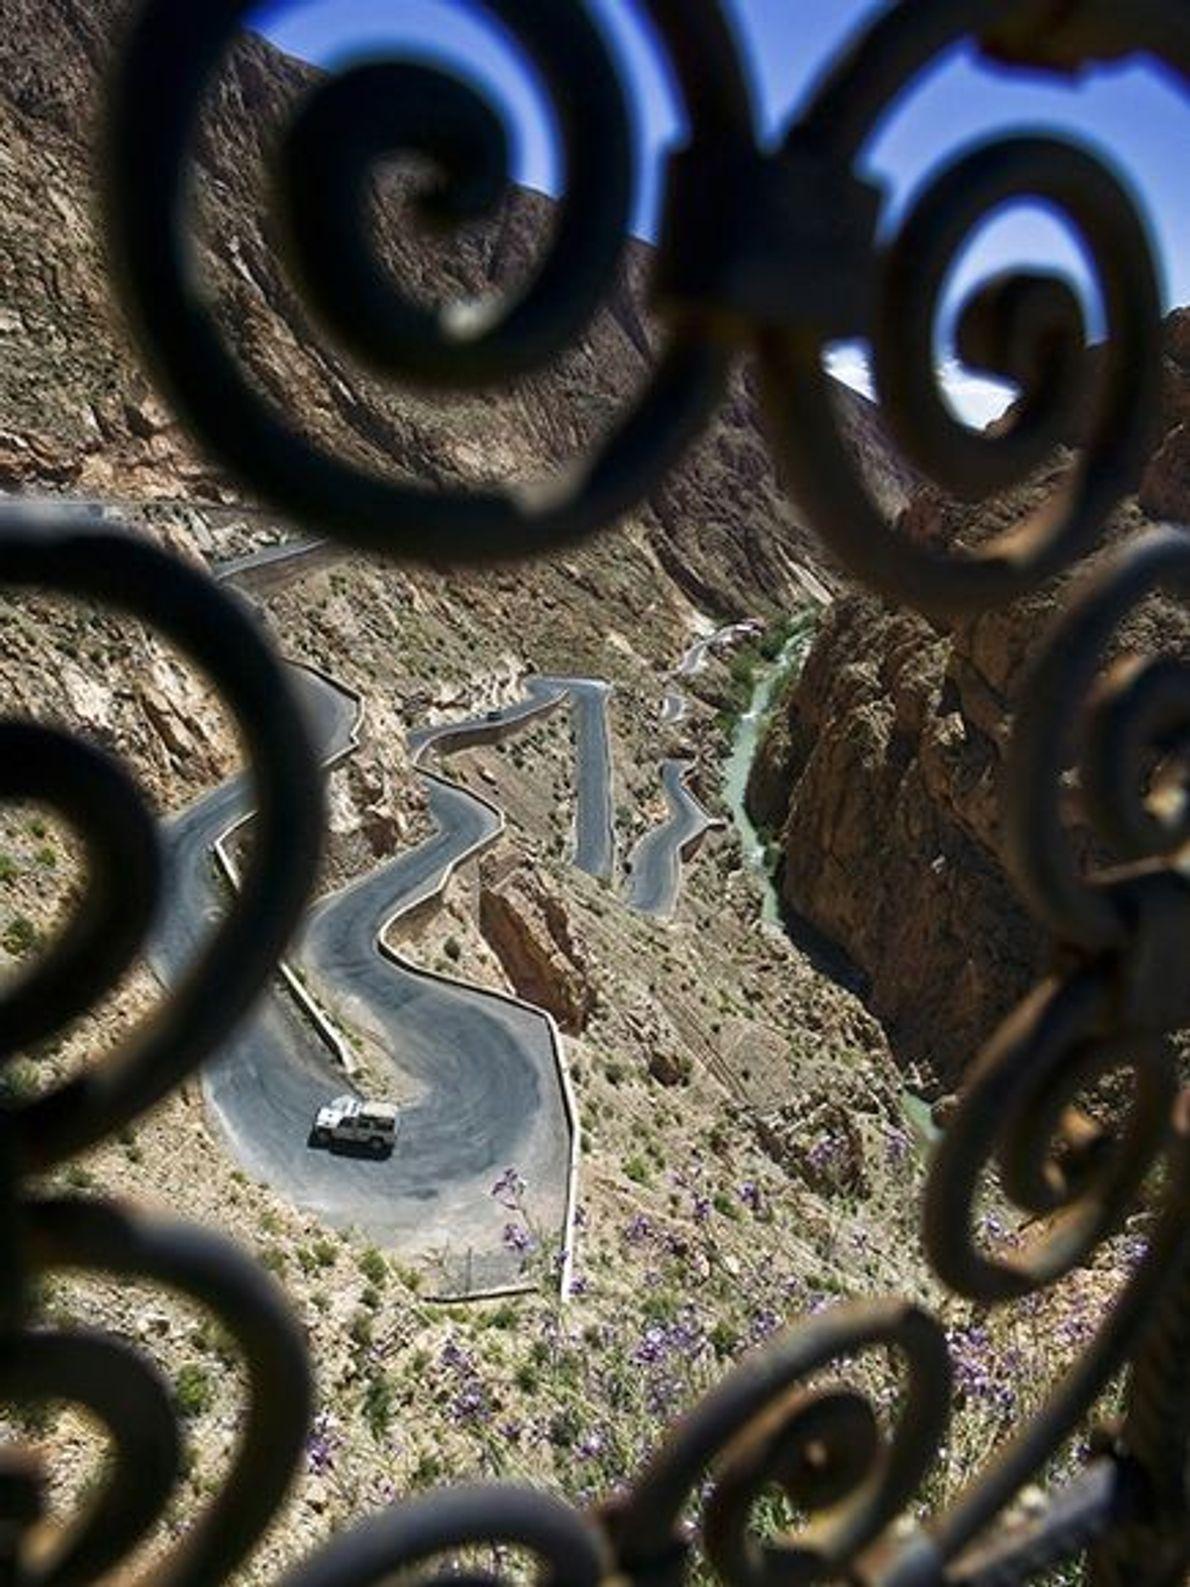 Marrocos: Uma Viagem no Tapete Mágico